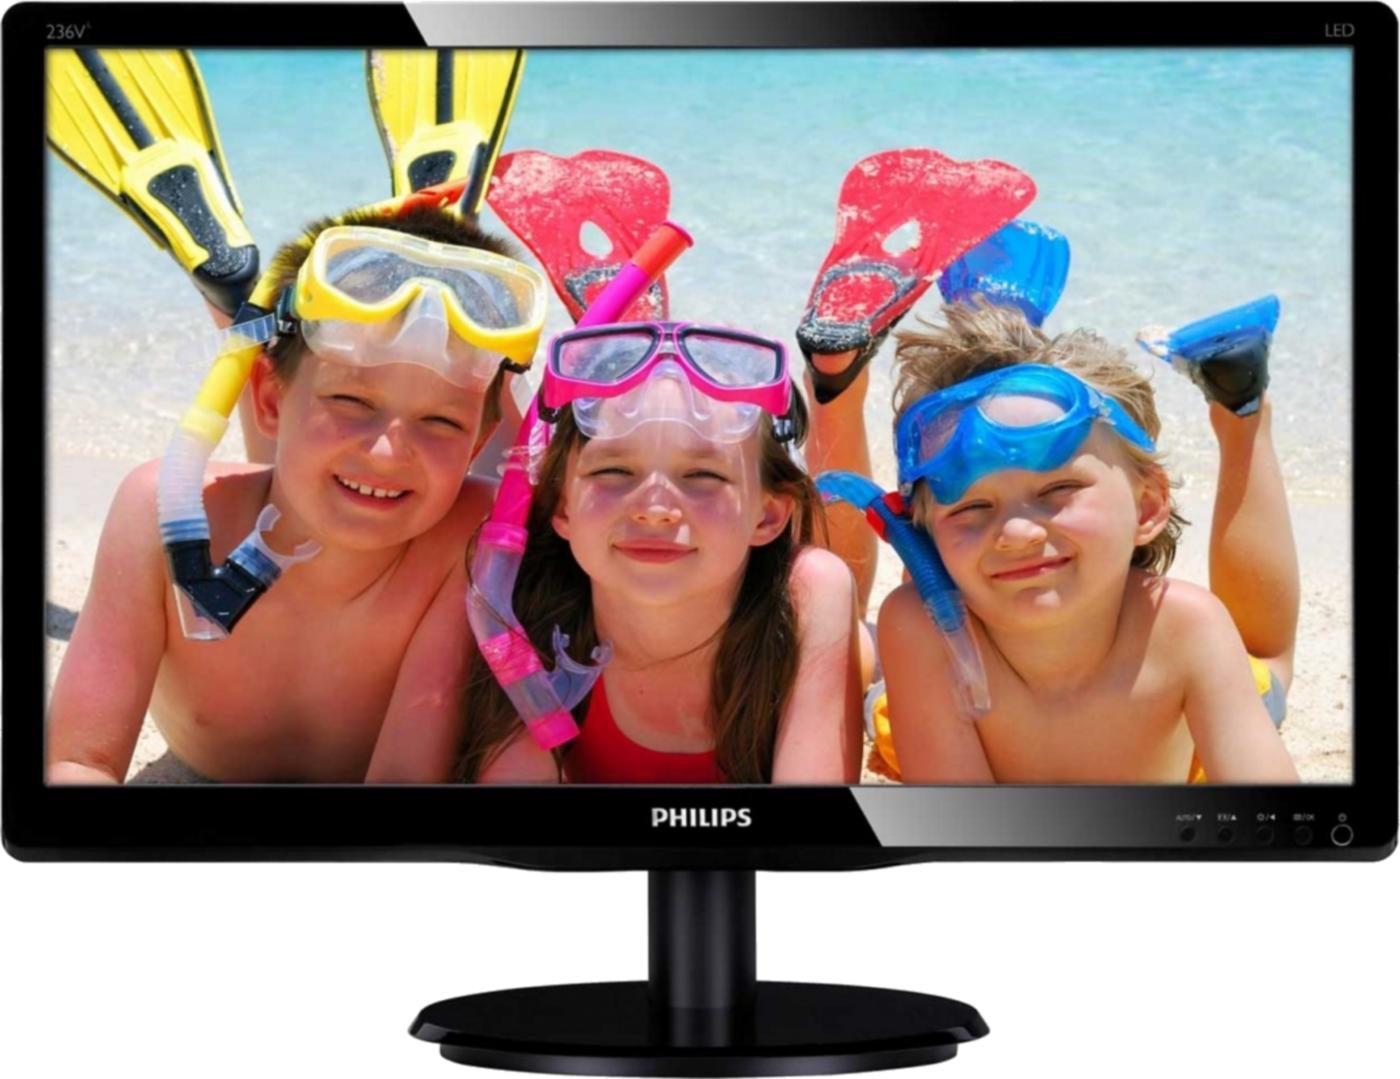 Philips 236V4LHAB/00